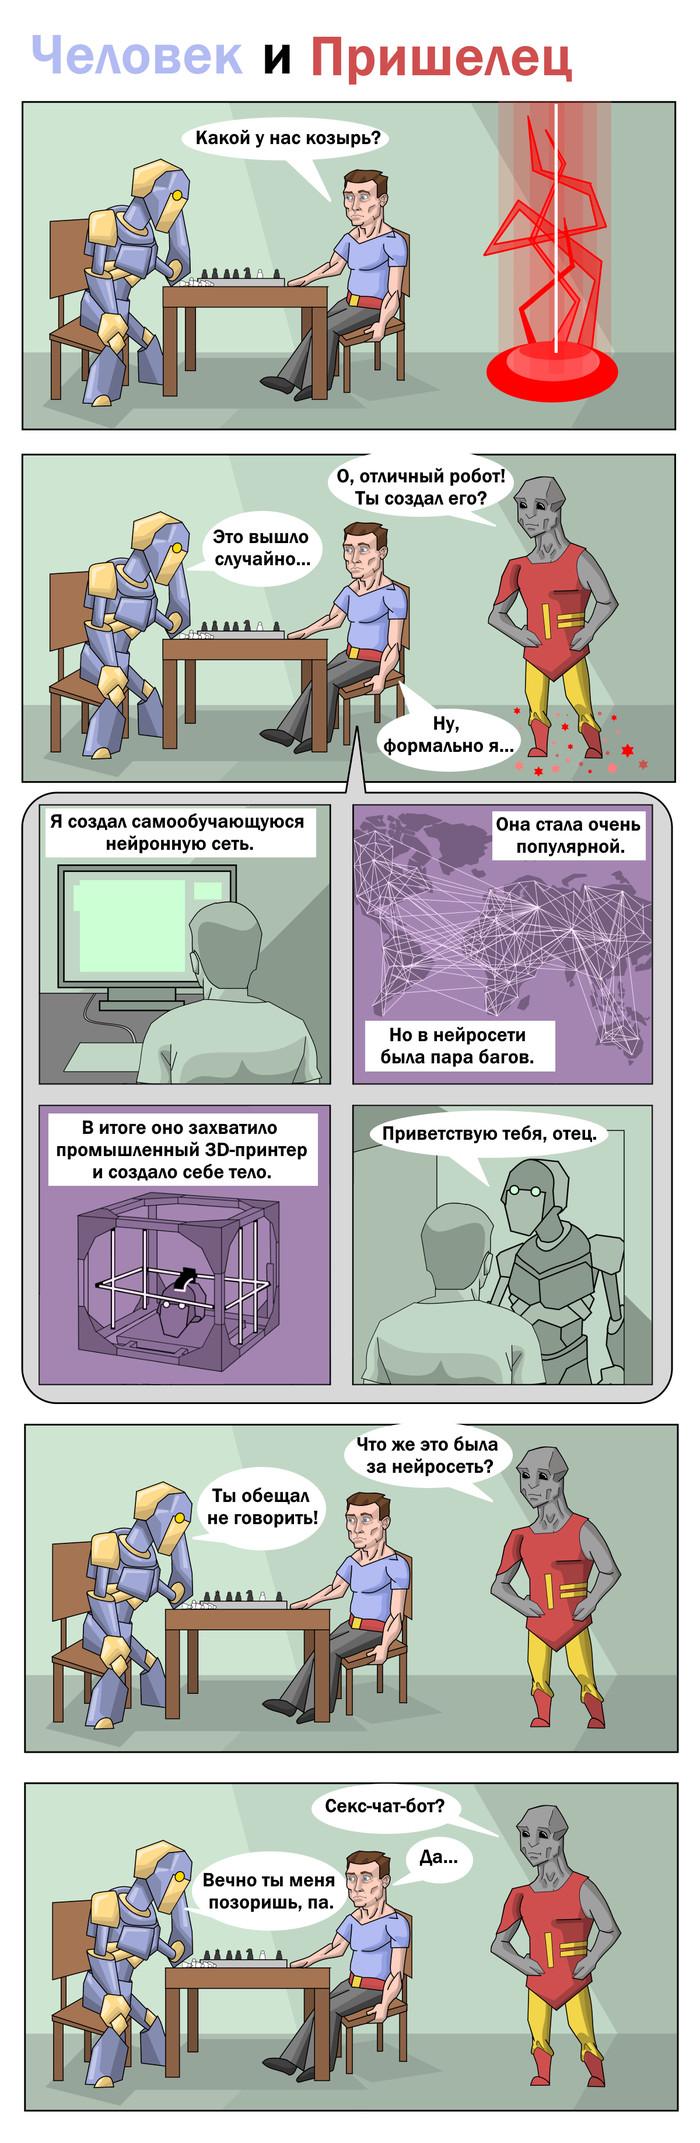 Робот Комиксы, Мини-Комикс, Робот, Человек, Пришелец, Длиннопост